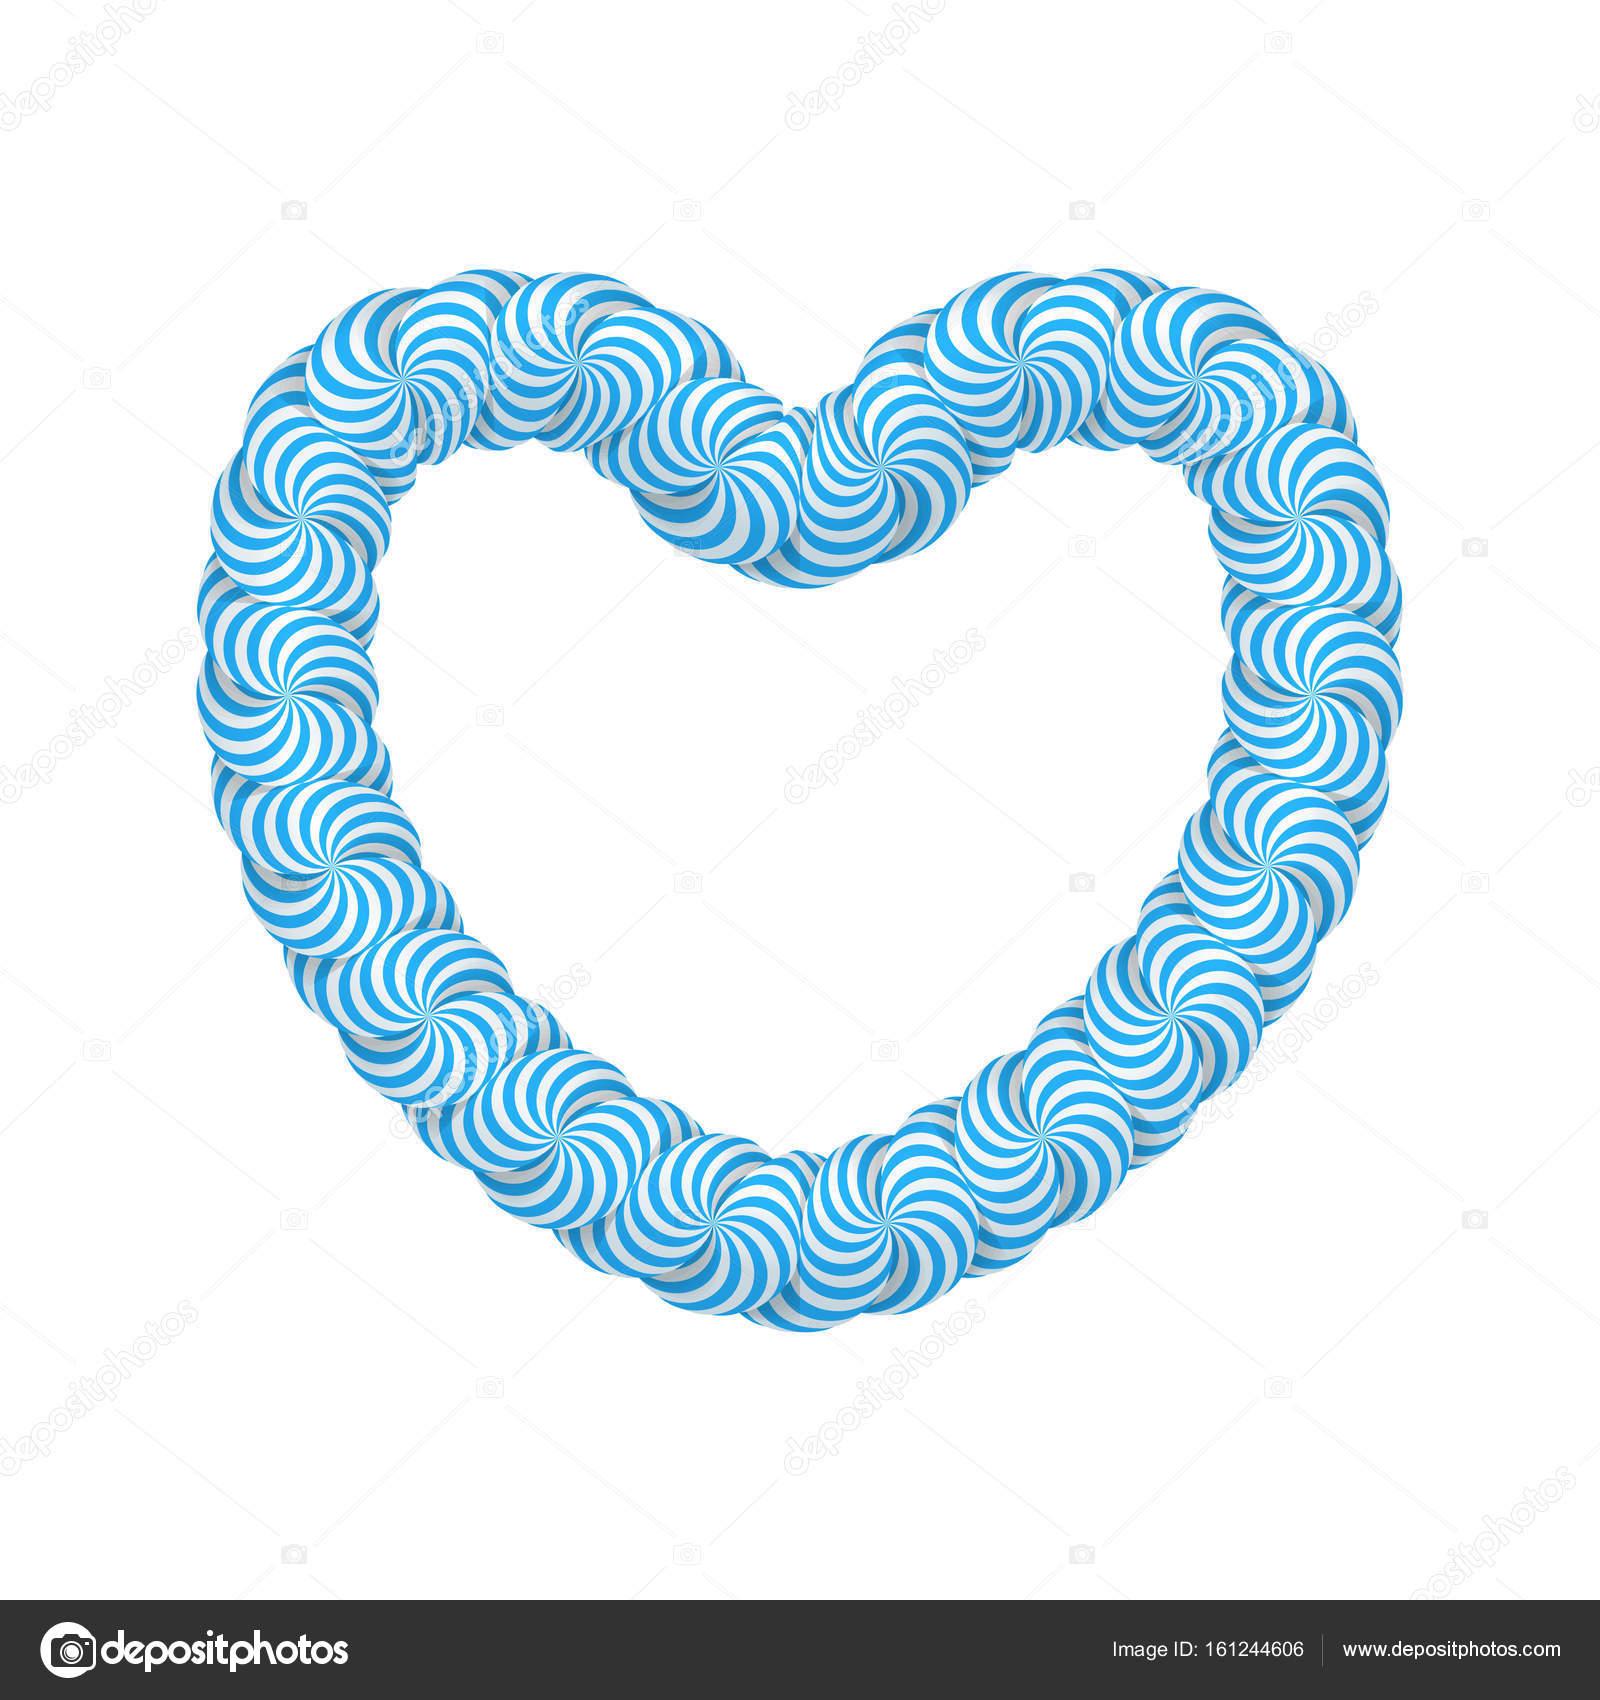 seznamka modré srdce